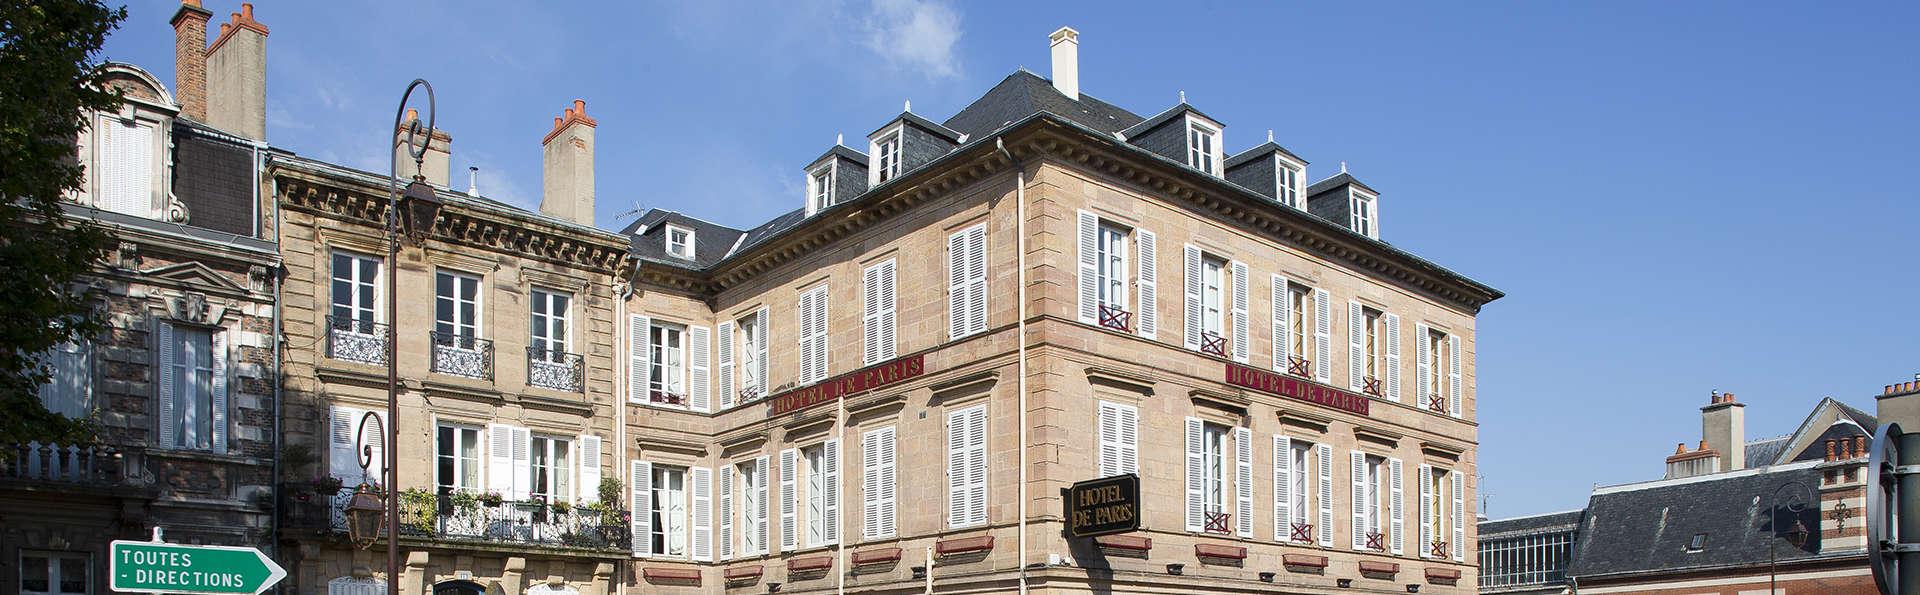 Hôtel de Paris - EDIT_FRONT.jpg